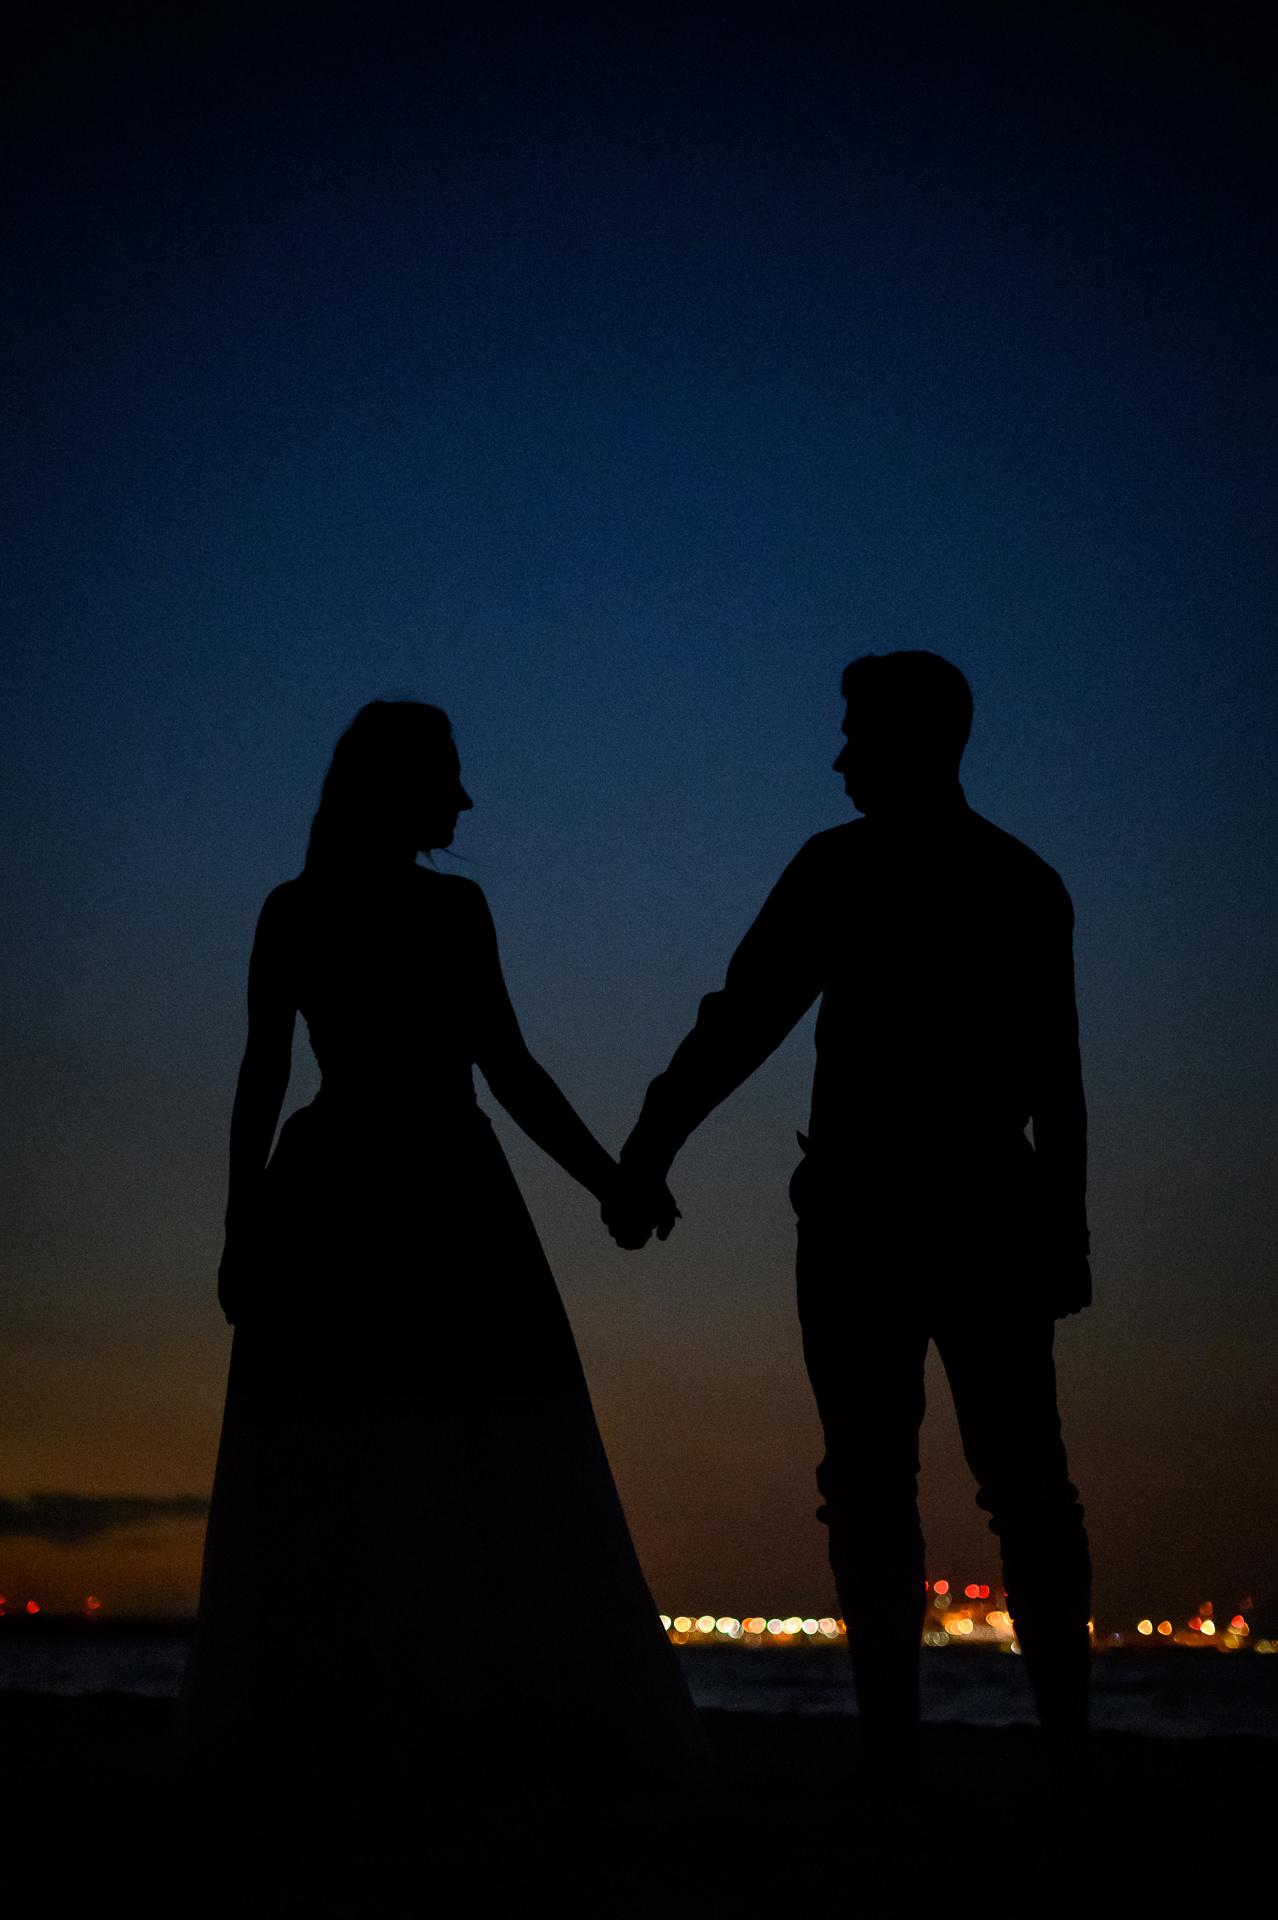 Jak szybko chcecie mieć zdjęcia z dnia Waszego ślubu i wesela